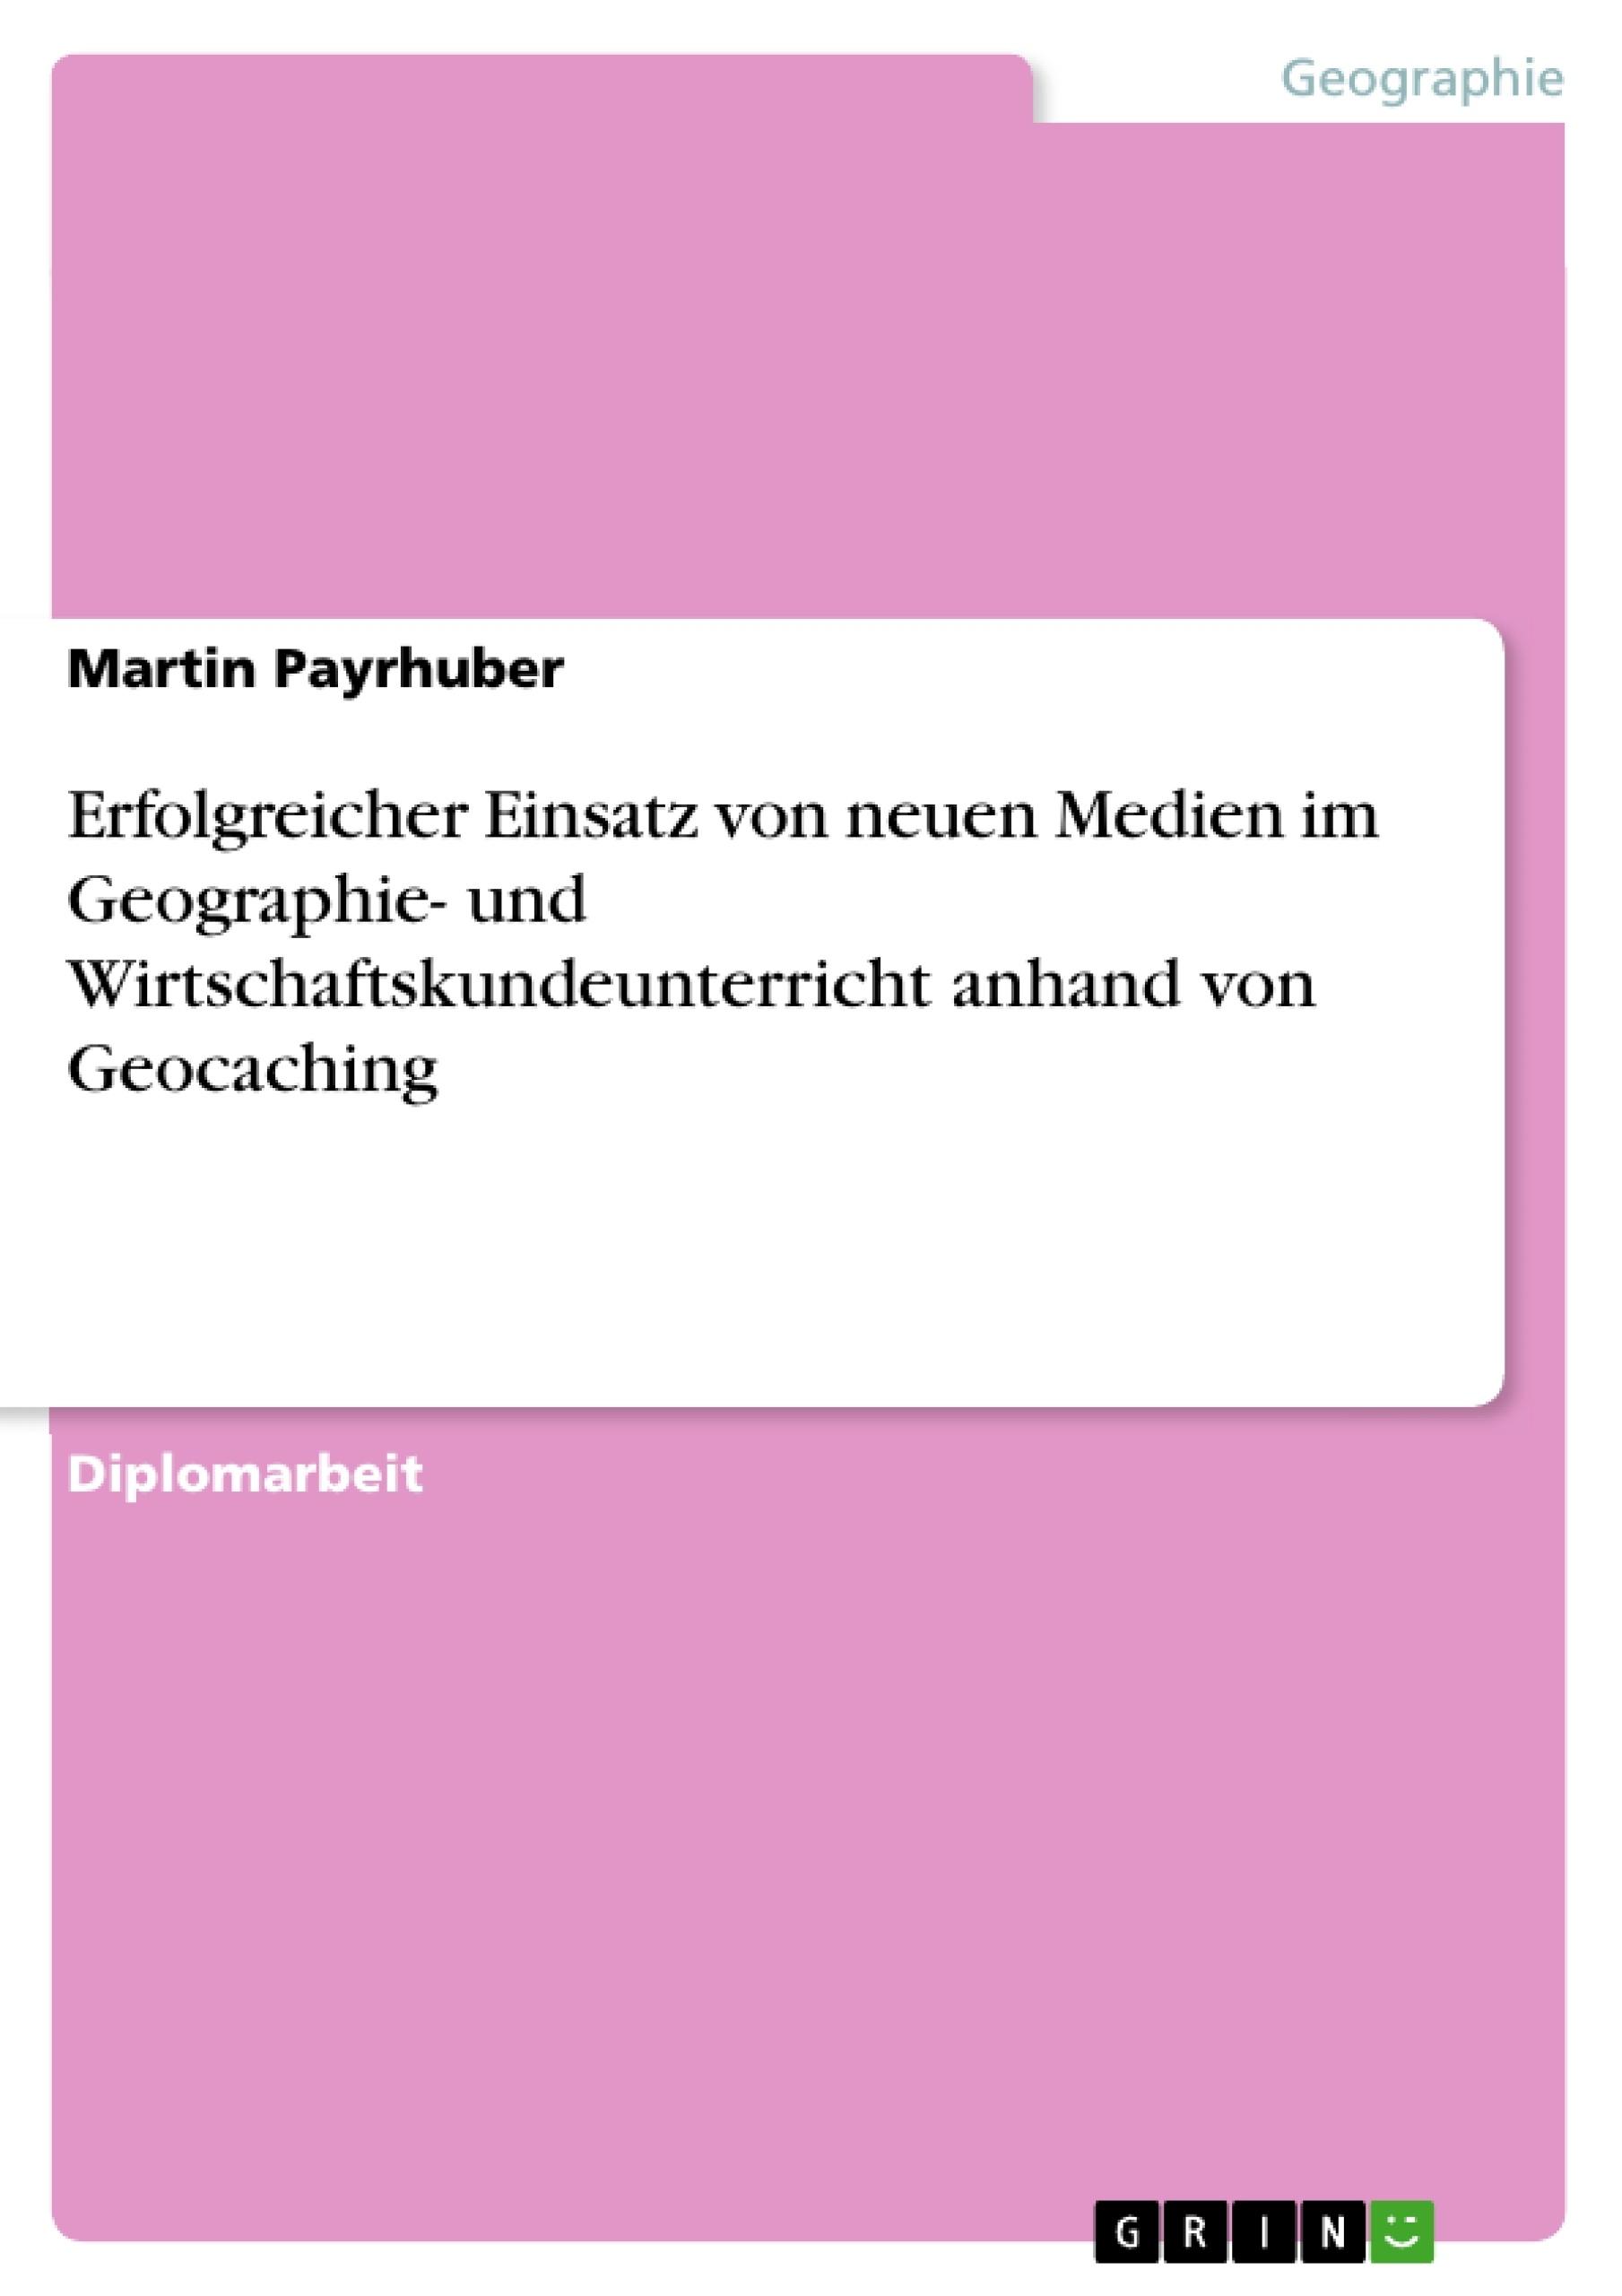 Titel: Erfolgreicher Einsatz von neuen Medien im Geographie- und Wirtschaftskundeunterricht anhand von Geocaching